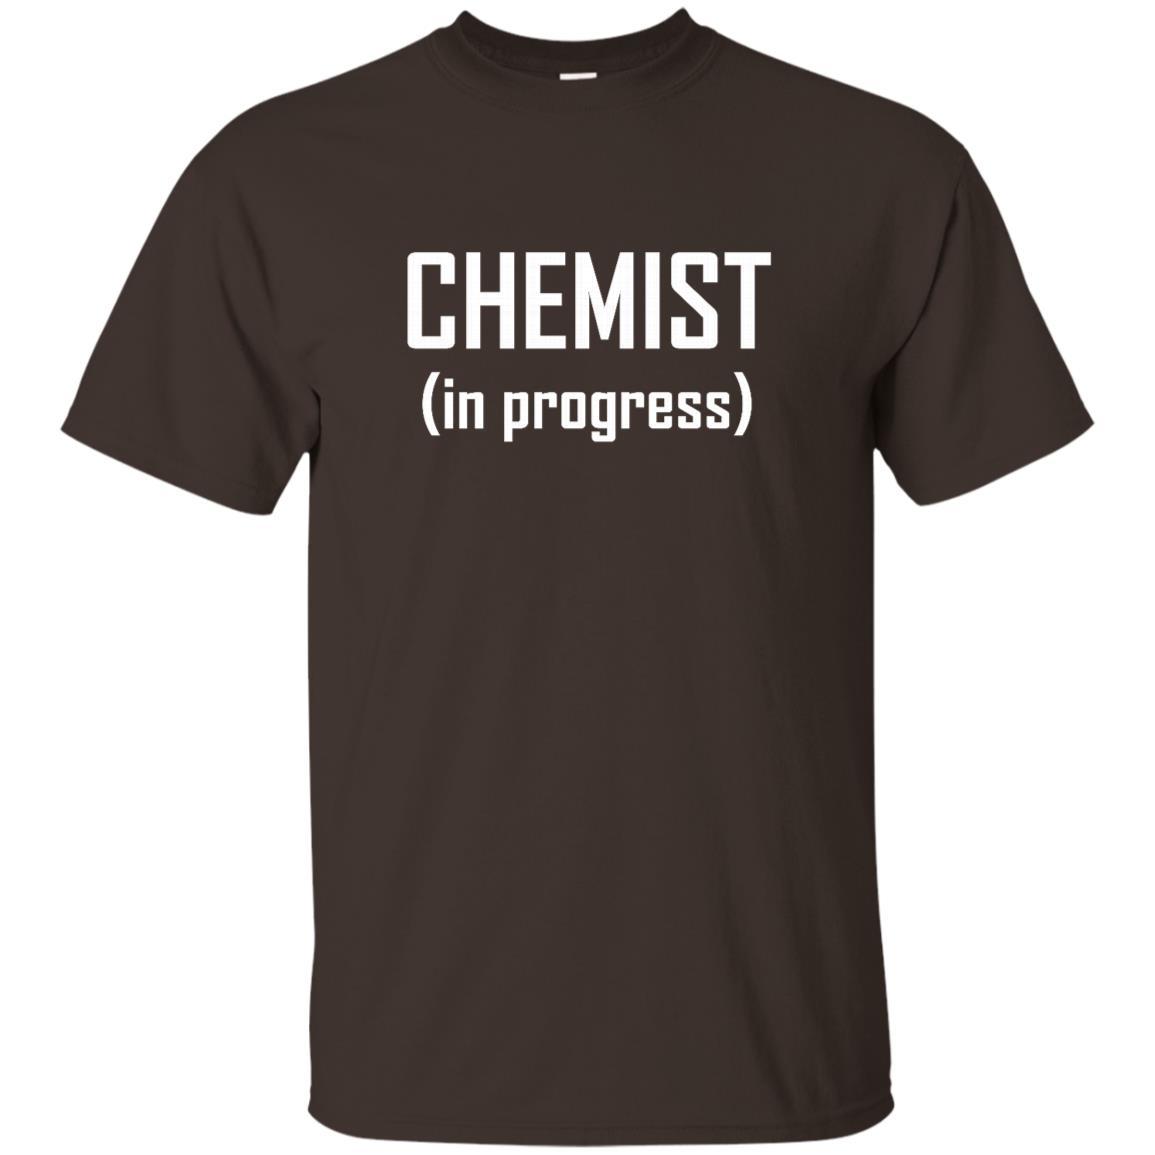 Chemist, In Progress- Funny Chemistry Student Joke Unisex Short Sleeve